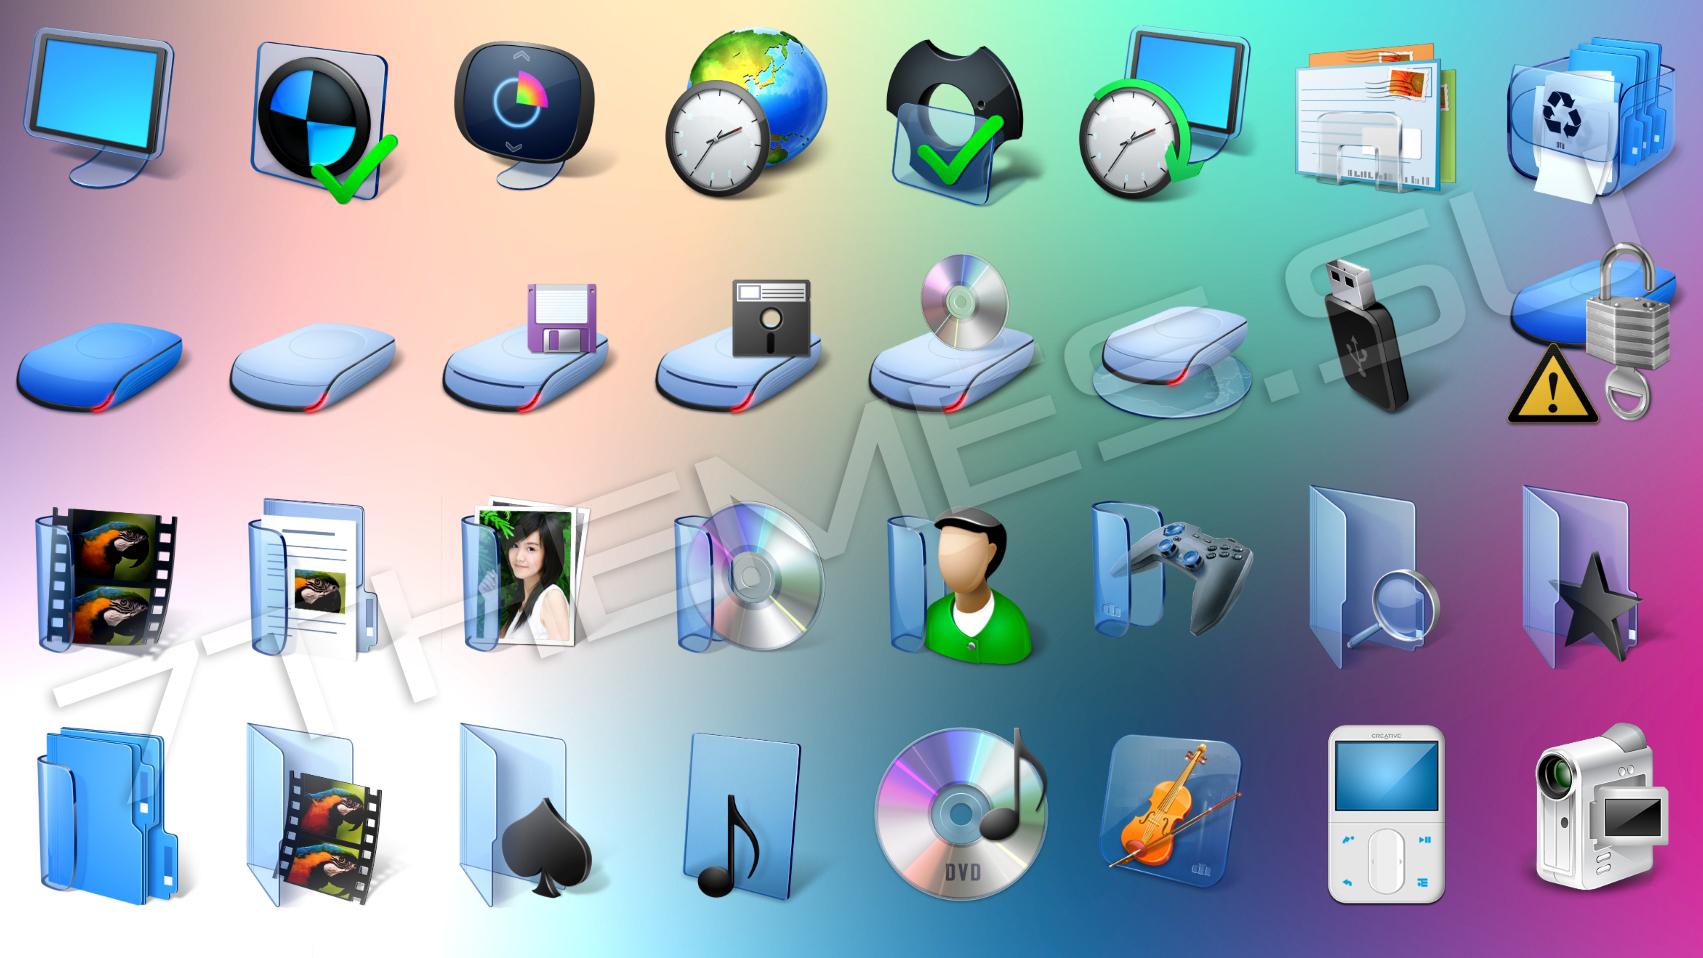 сырье папка скриншотов картинки для иконок ведь петунии для